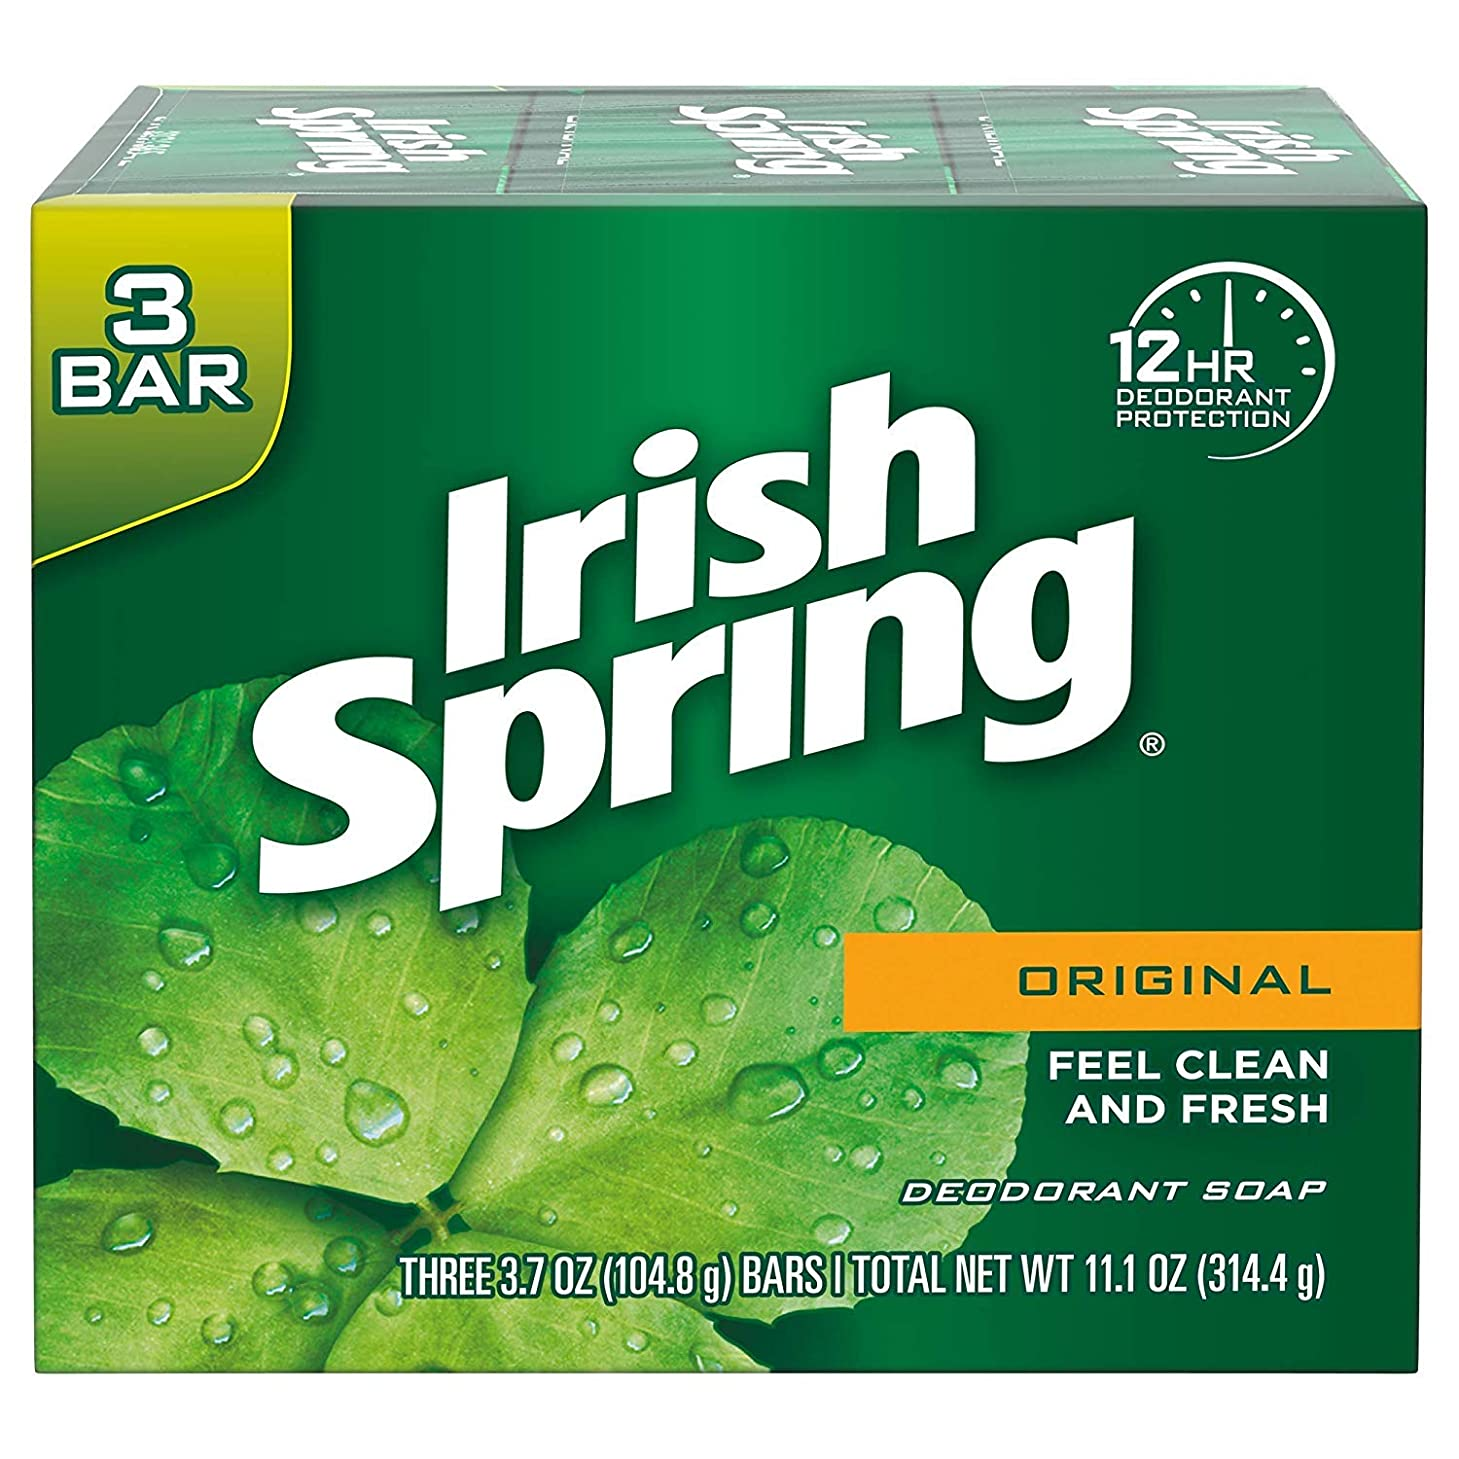 雇用者不変飲料Irish Spring オリジナルデオドラントソープ3つのバー、2パック(6トータル)